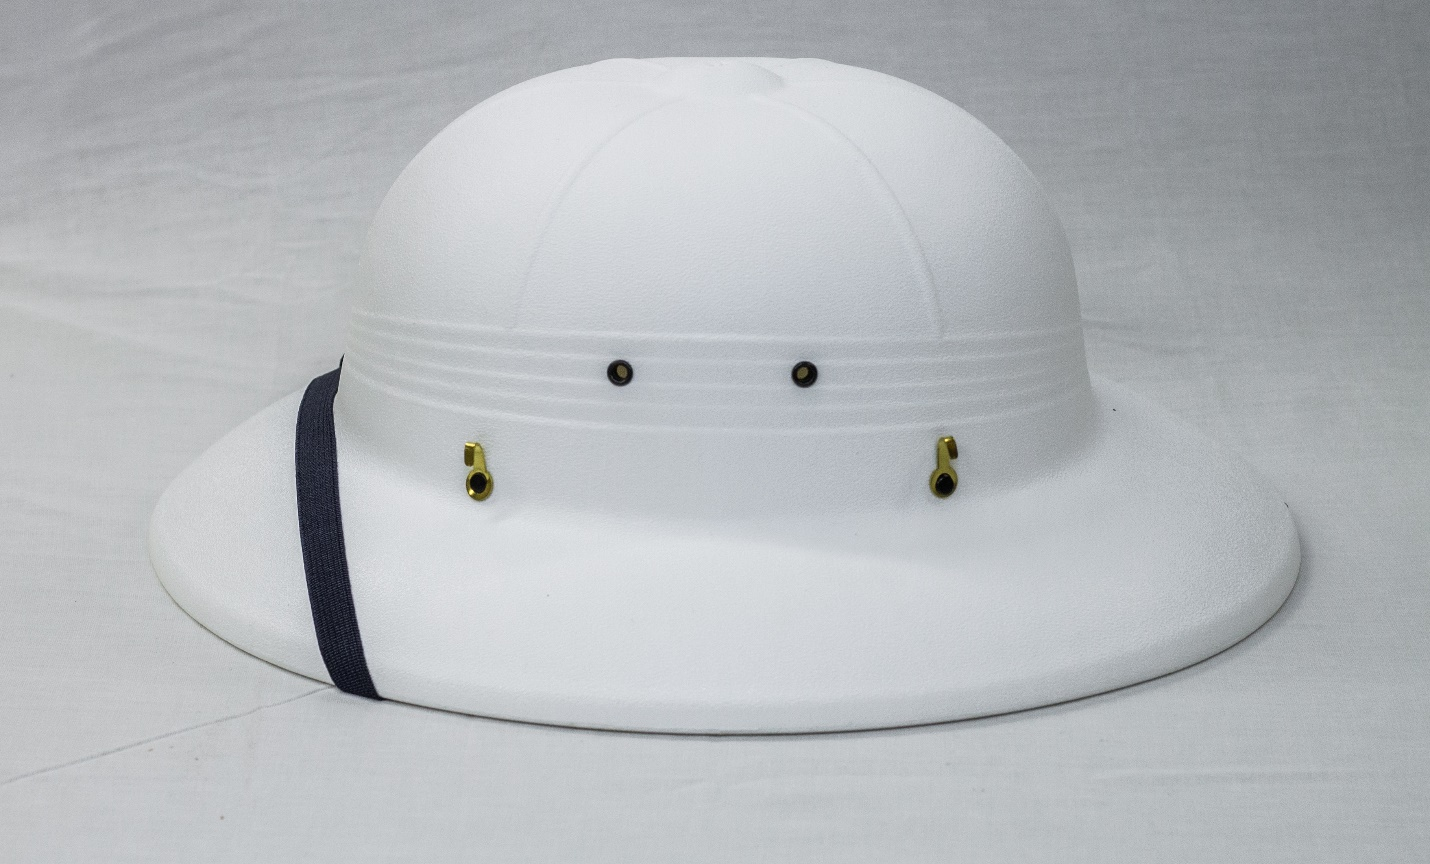 Plastic Helmet